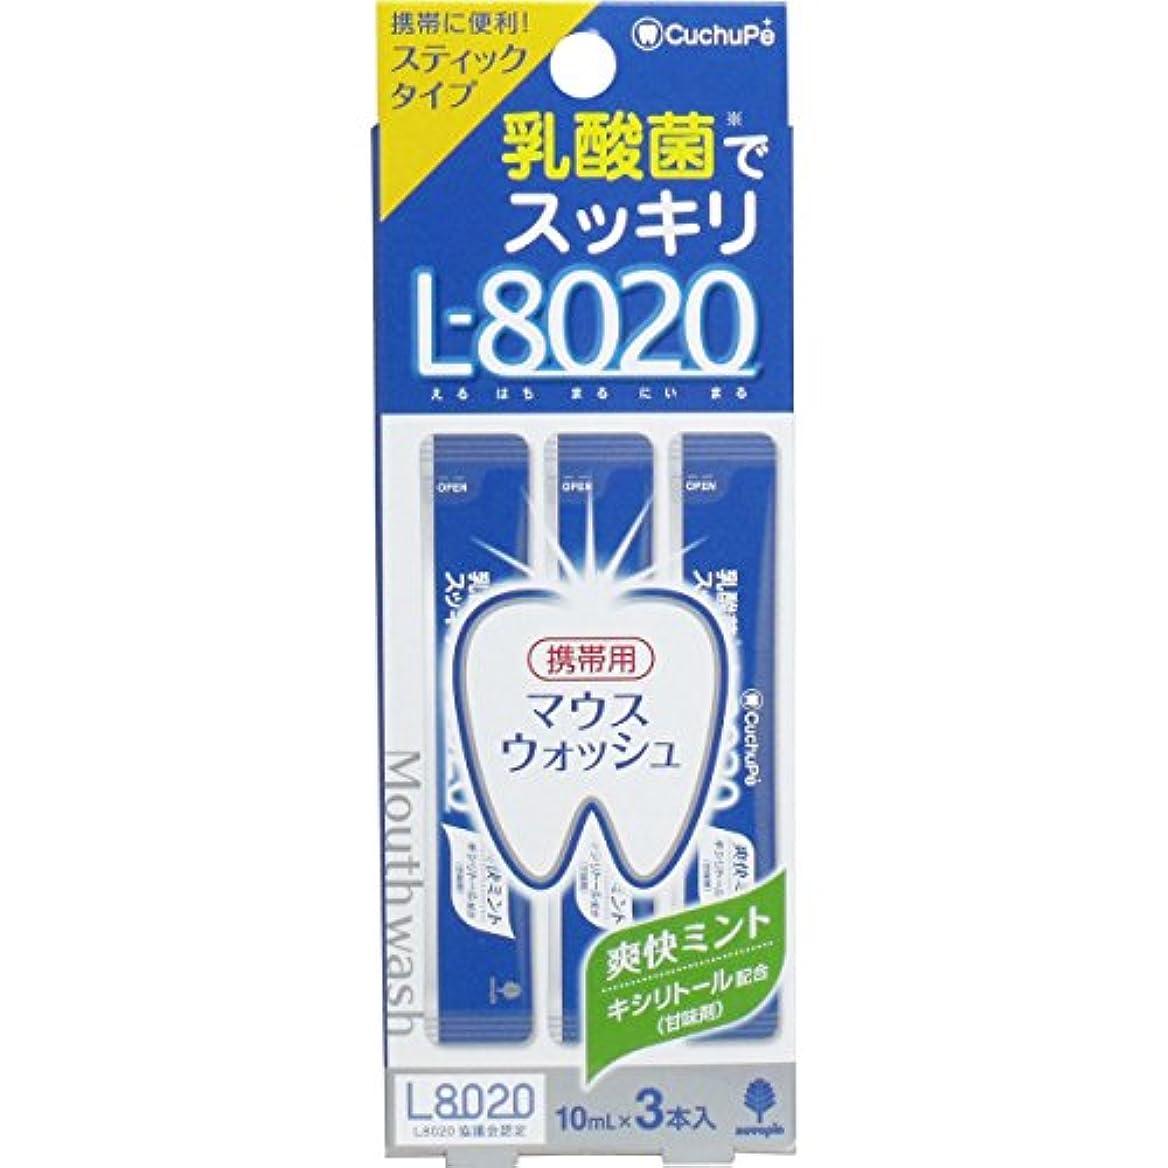 パースかごアテンダントクチュッペ L-8020 マウスウォッシュ 爽快ミント スティックタイプ 3本入